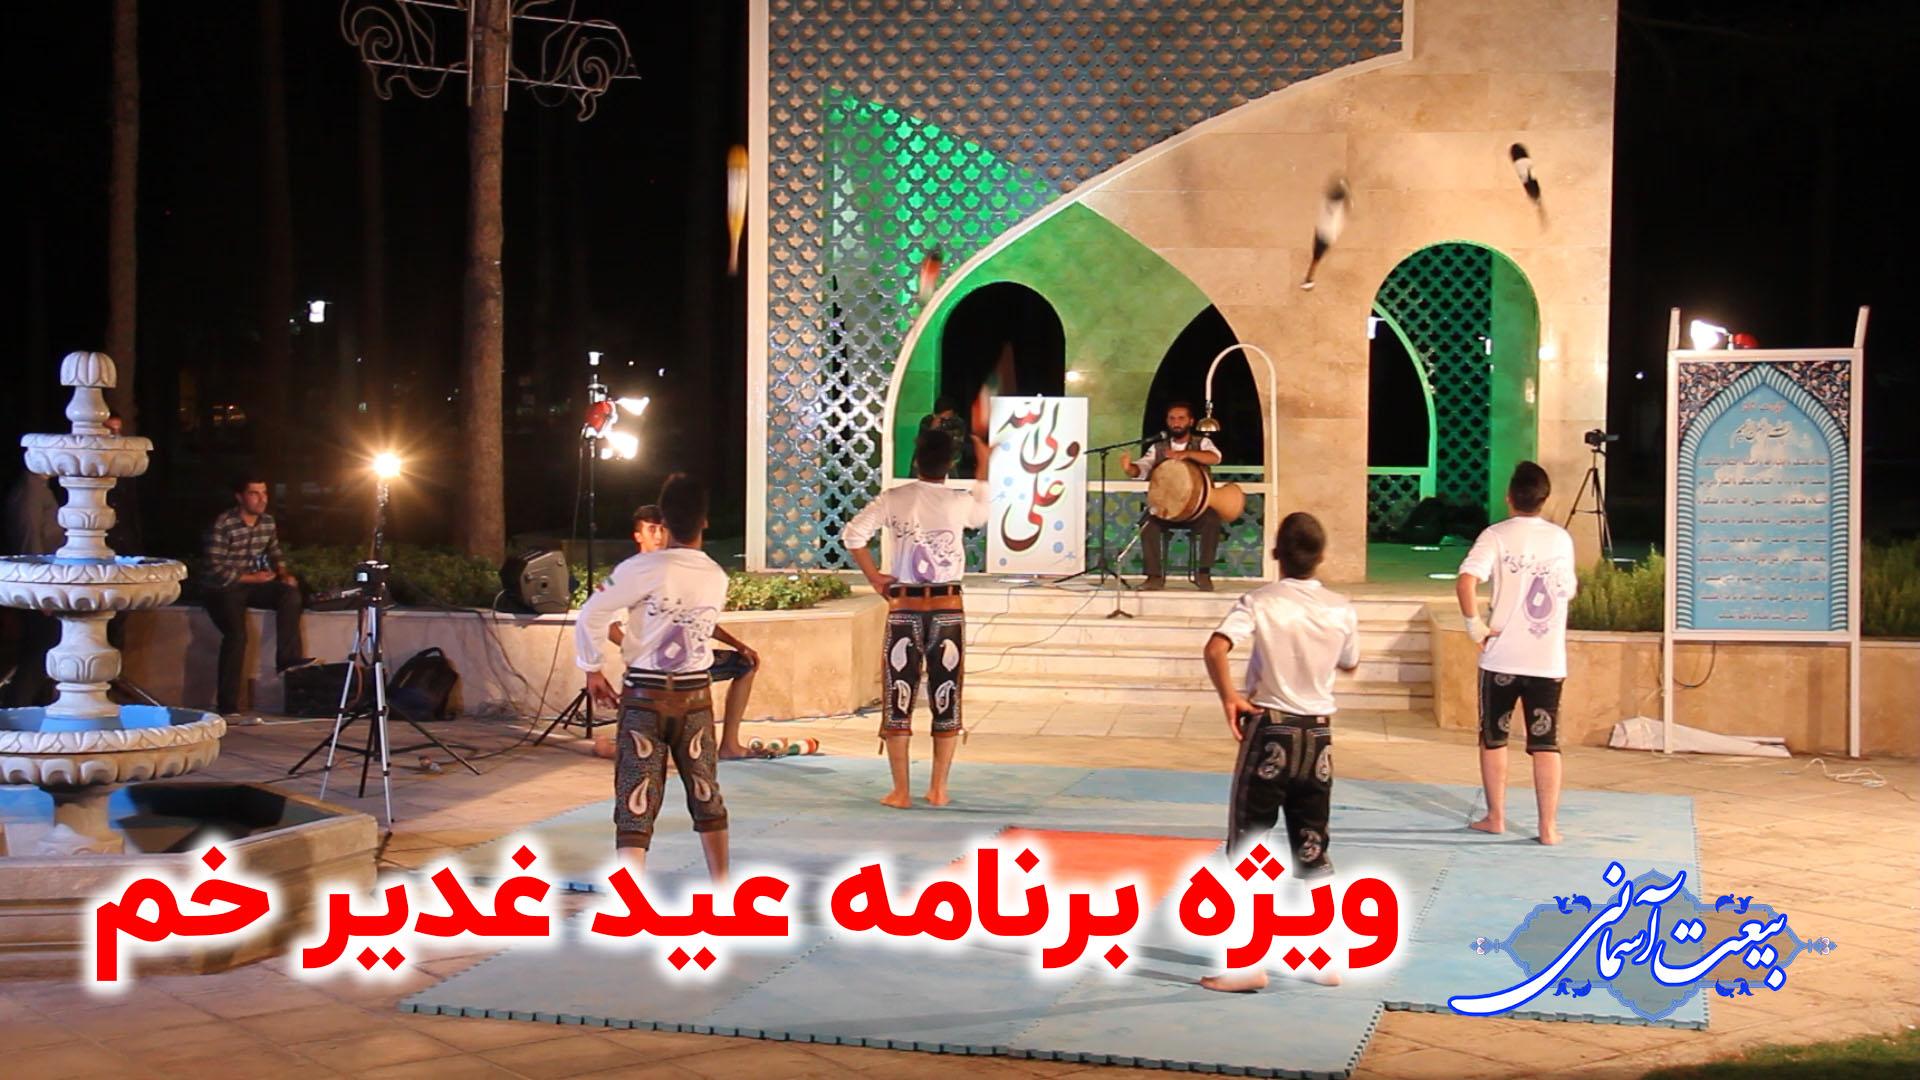 بیعت آسمانی؛ ویژه برنامه ندای برخوار در عید سعید غدیر خم